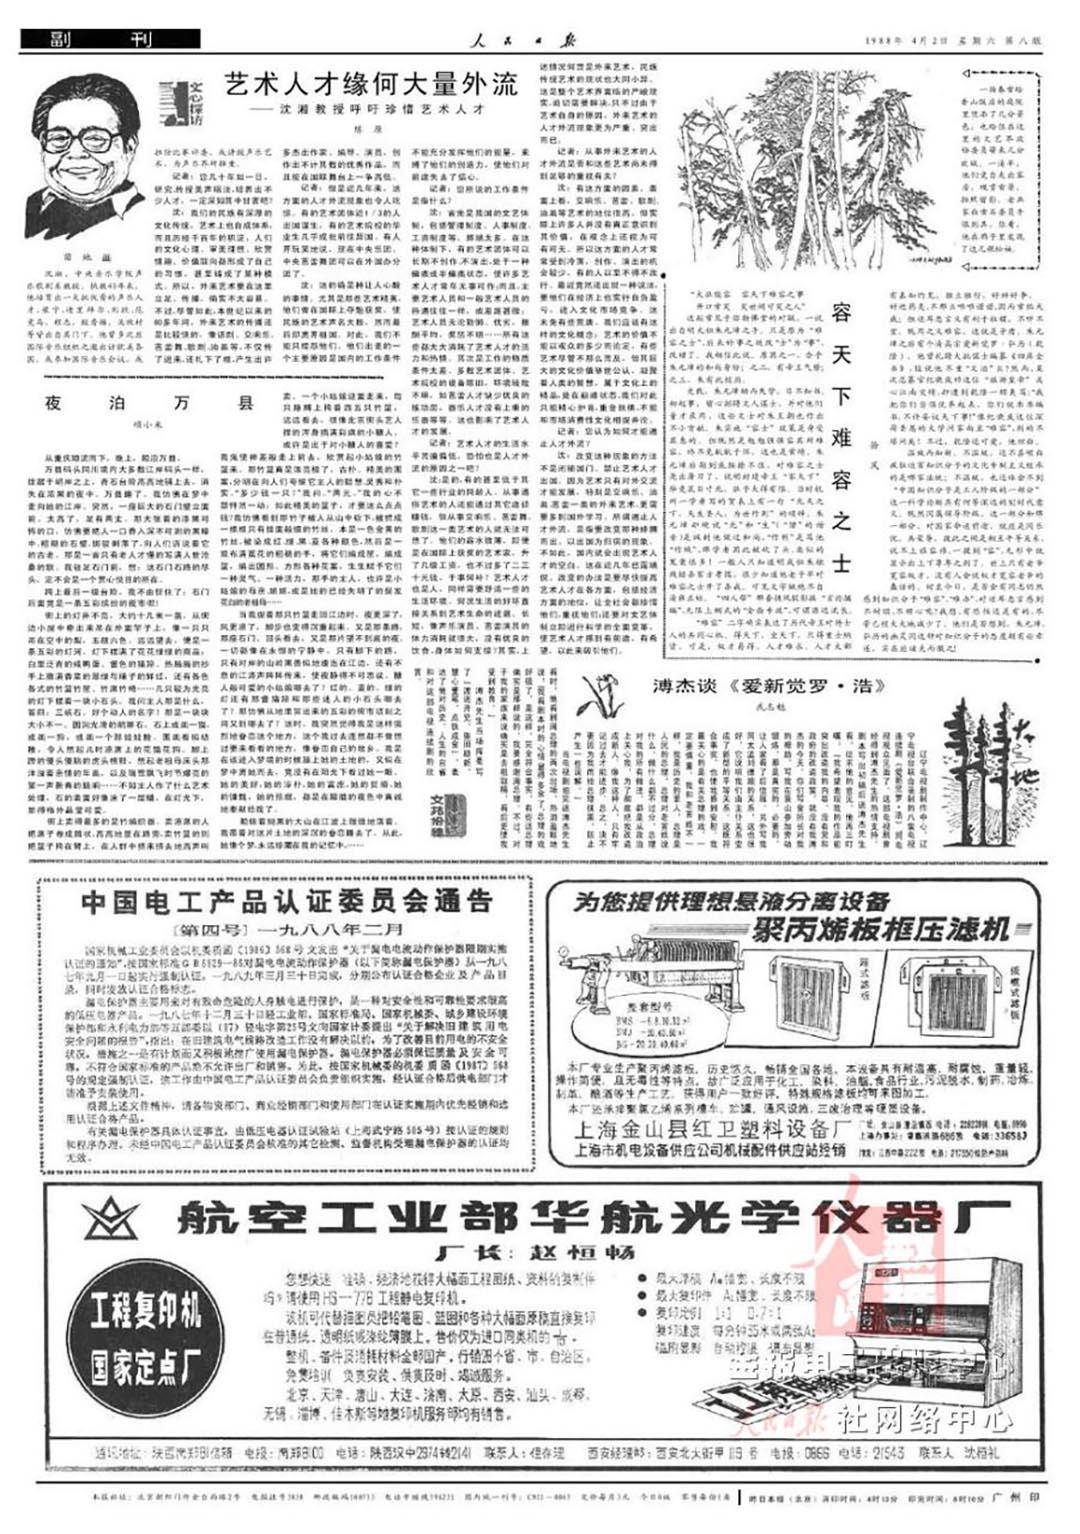 拾風:《容天下難容之士》,刊於1988年4月2日《人民日報》第8版。 來源:人民日報數據庫